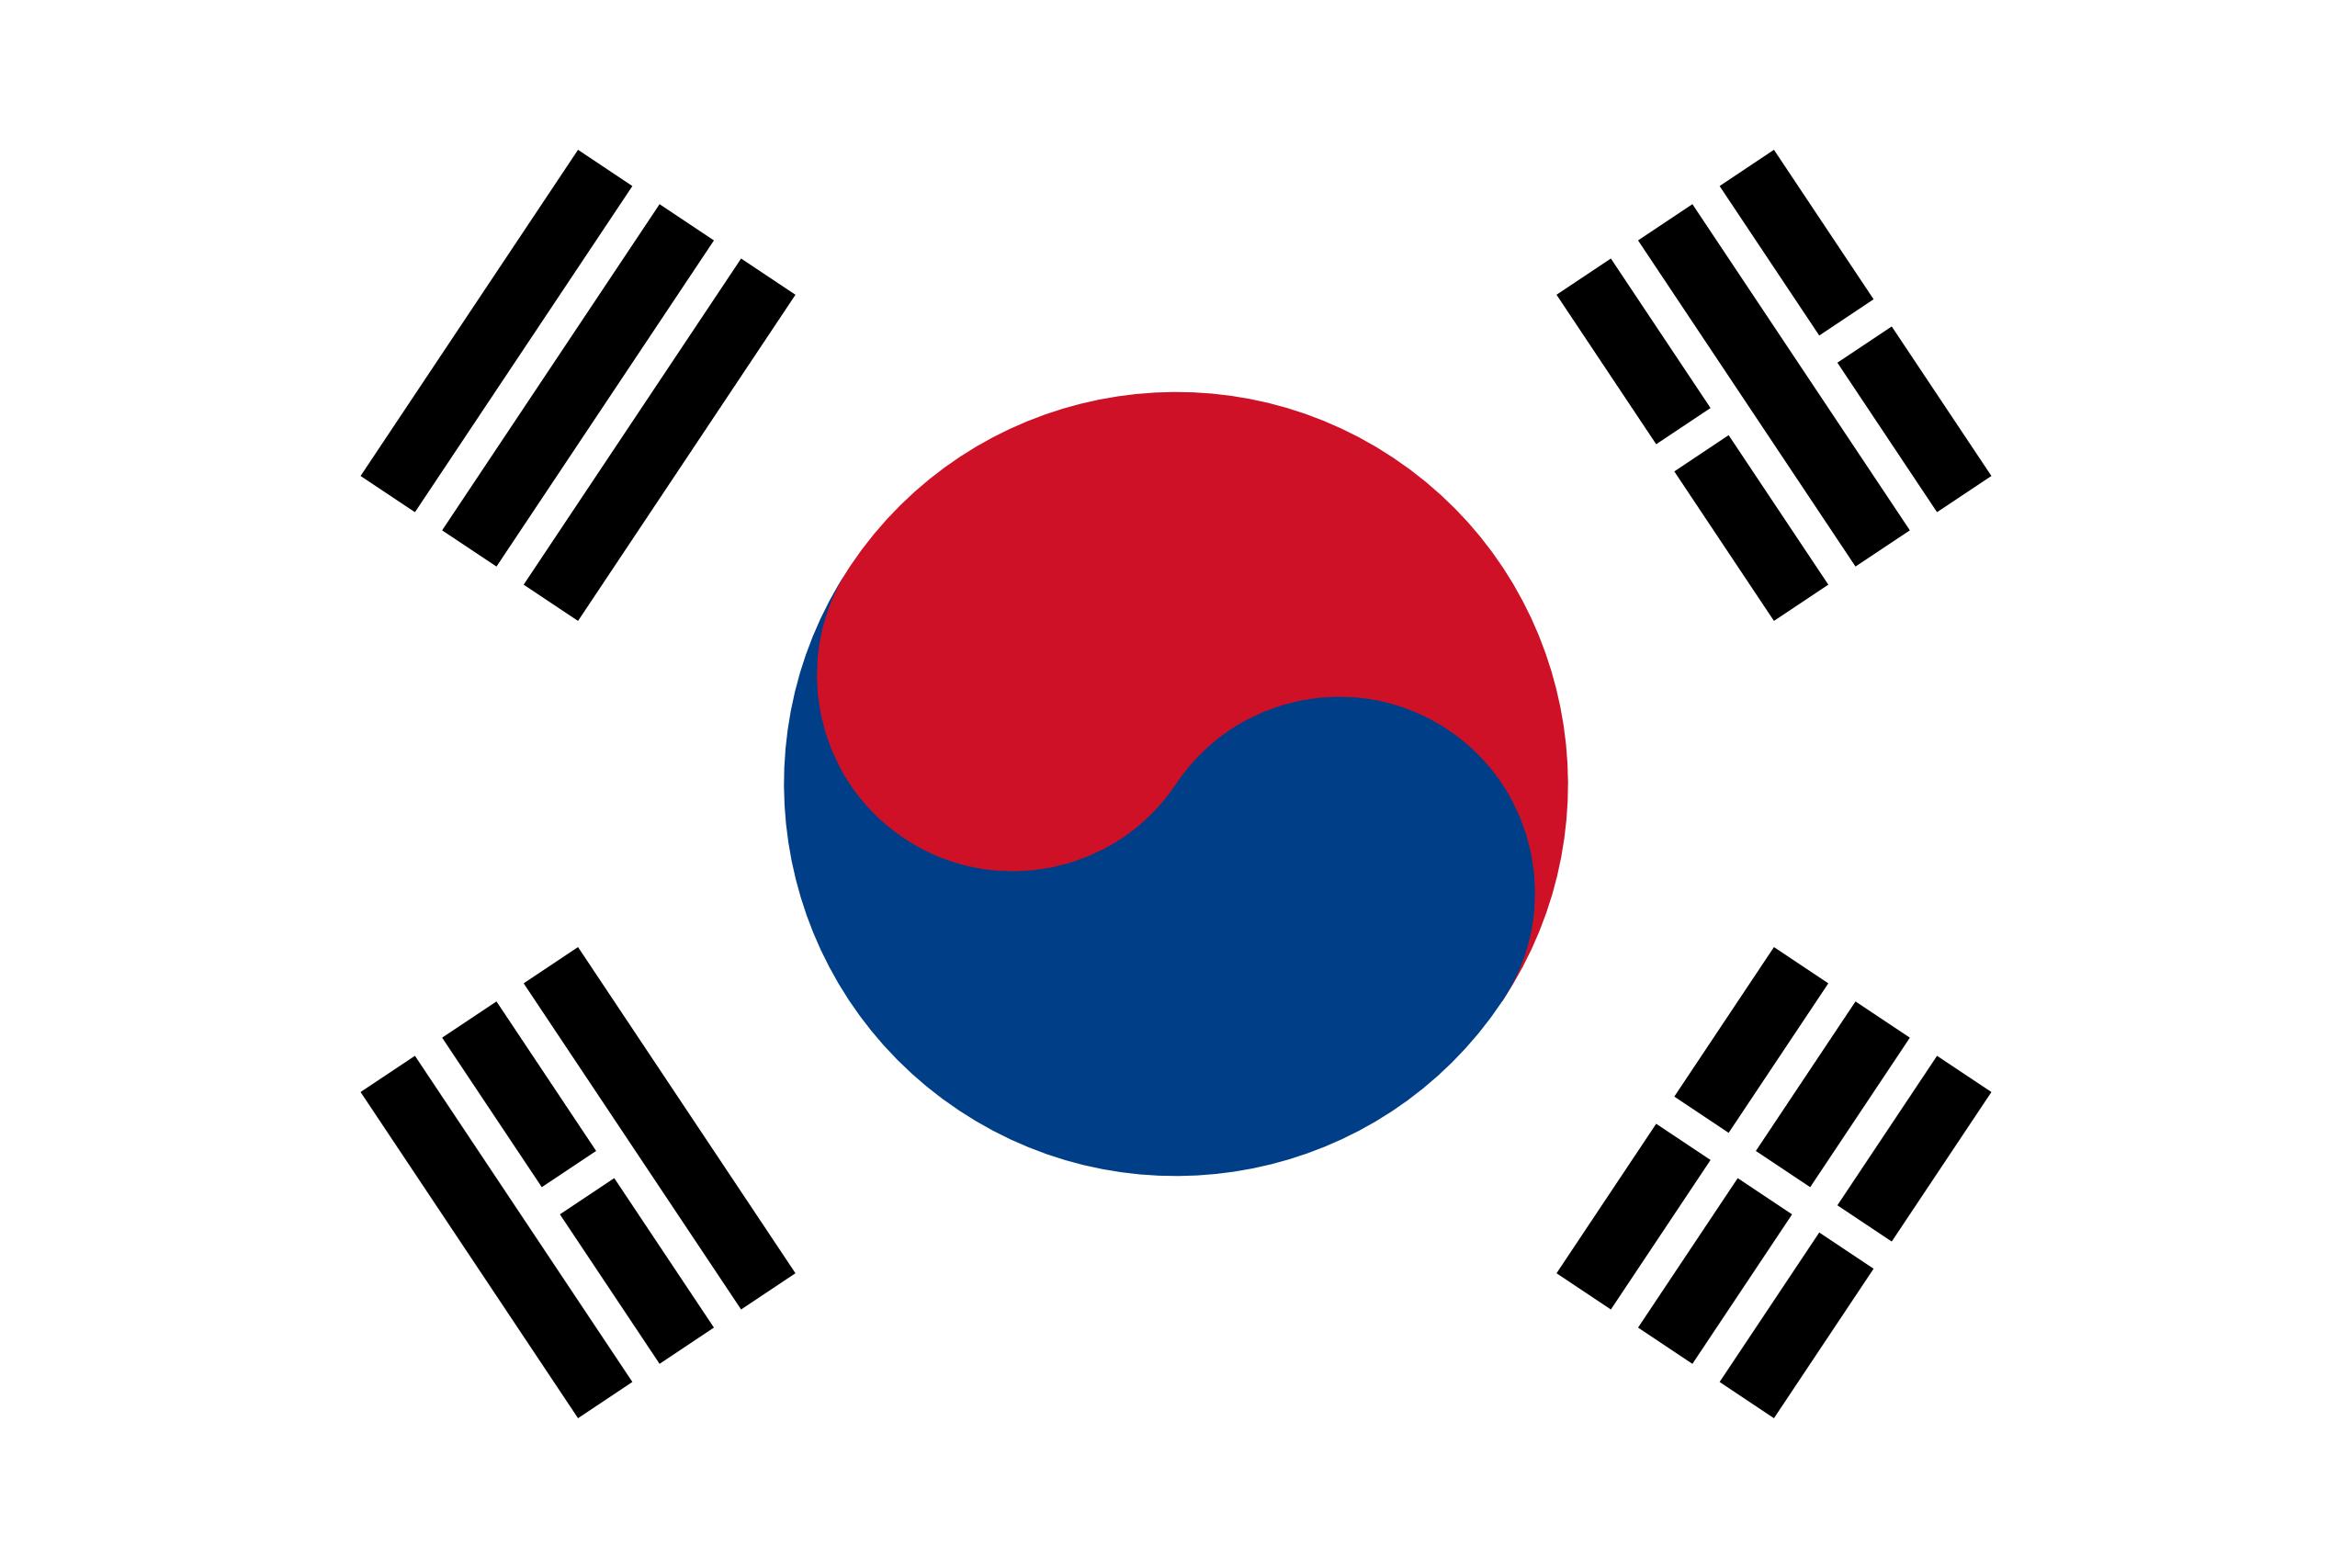 Corée du Sud, pays, emblème, logo, symbole - Fonds d'écran HD - Professor-falken.com